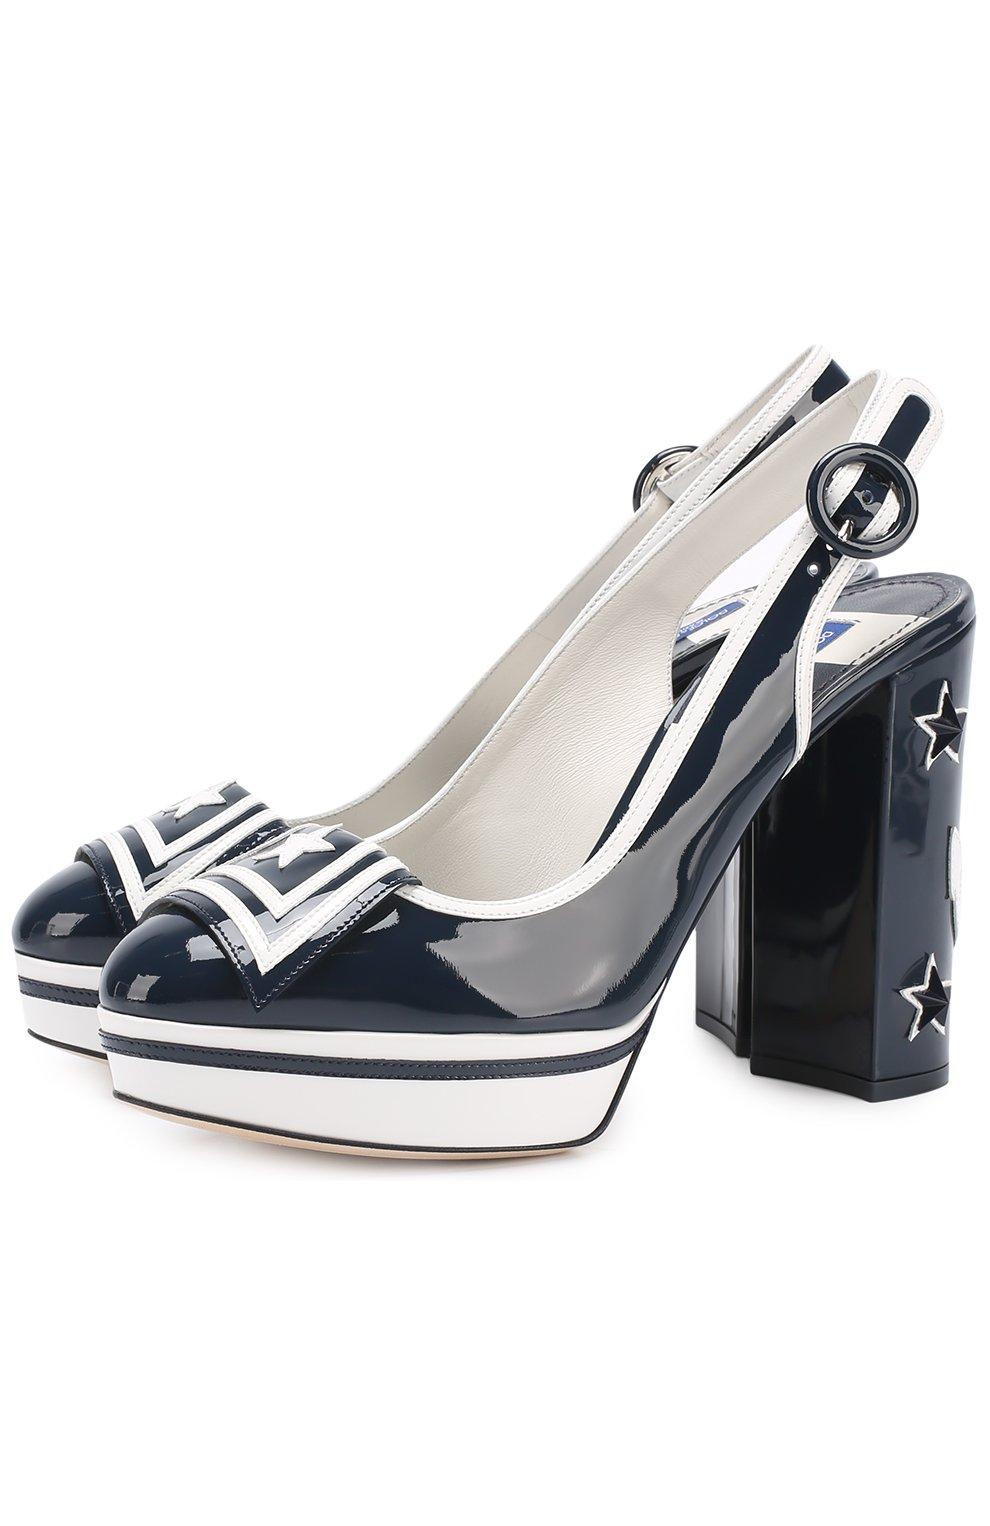 Лаковые туфли Vally с аппликациями | Фото №1